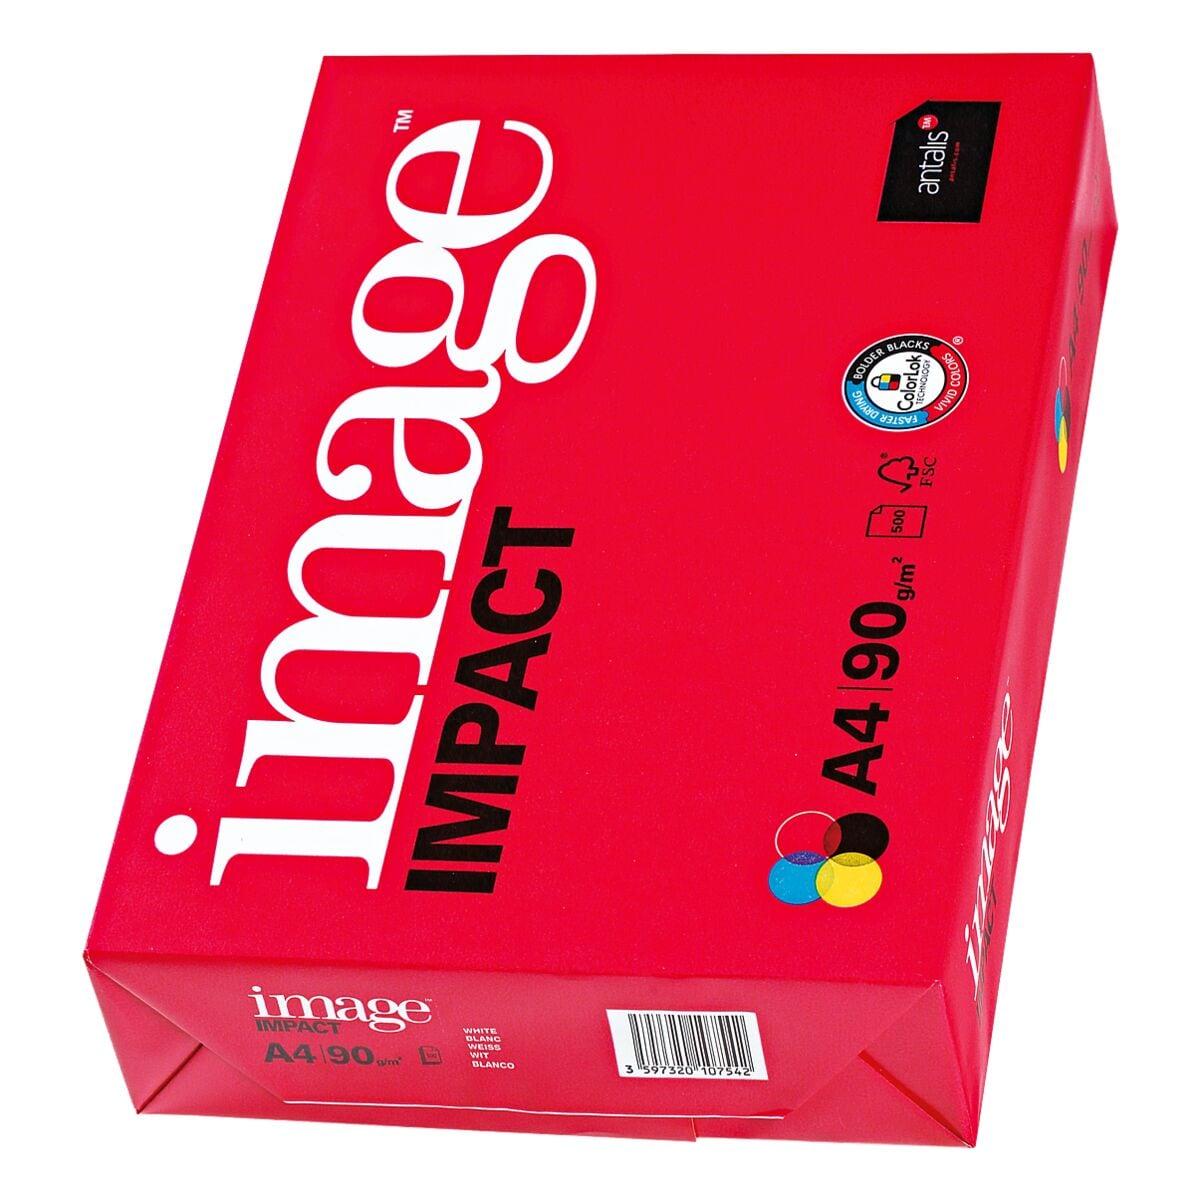 Papier multifonction A4 antalis image IMPACT - 500 feuilles au total